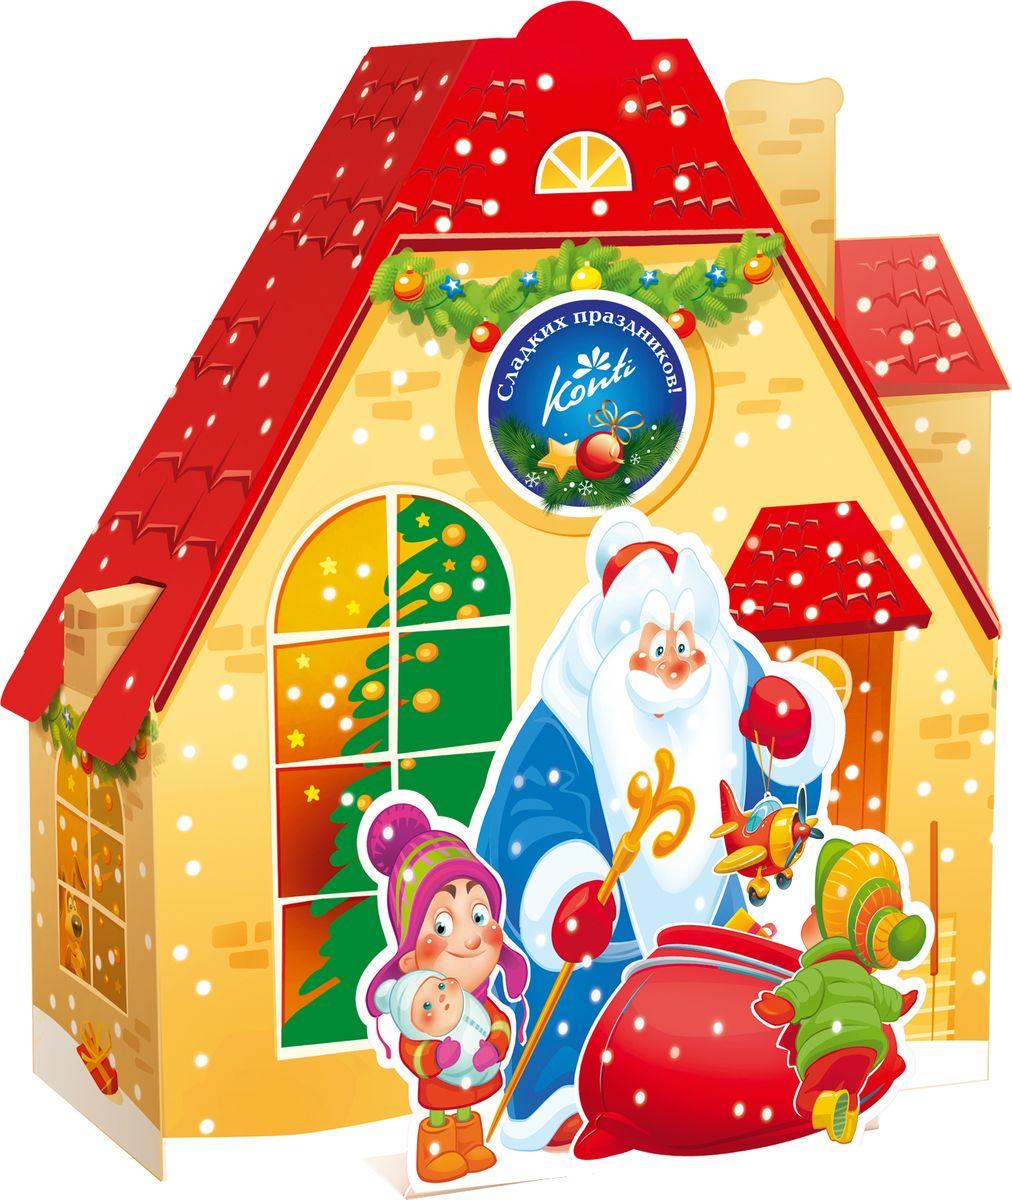 Конти рус Новогодний подарок 2016 Марьино, 700 г13949Вы когда-нибудь задумывались, как выглядит дом Деда Мороза? Может быть, именно так: сказочно, загадочно и очень ярко. Подарите ребенку этот подарок, и его, кроме сладостей, будет ждать еще и приятный сюрприз внутри.